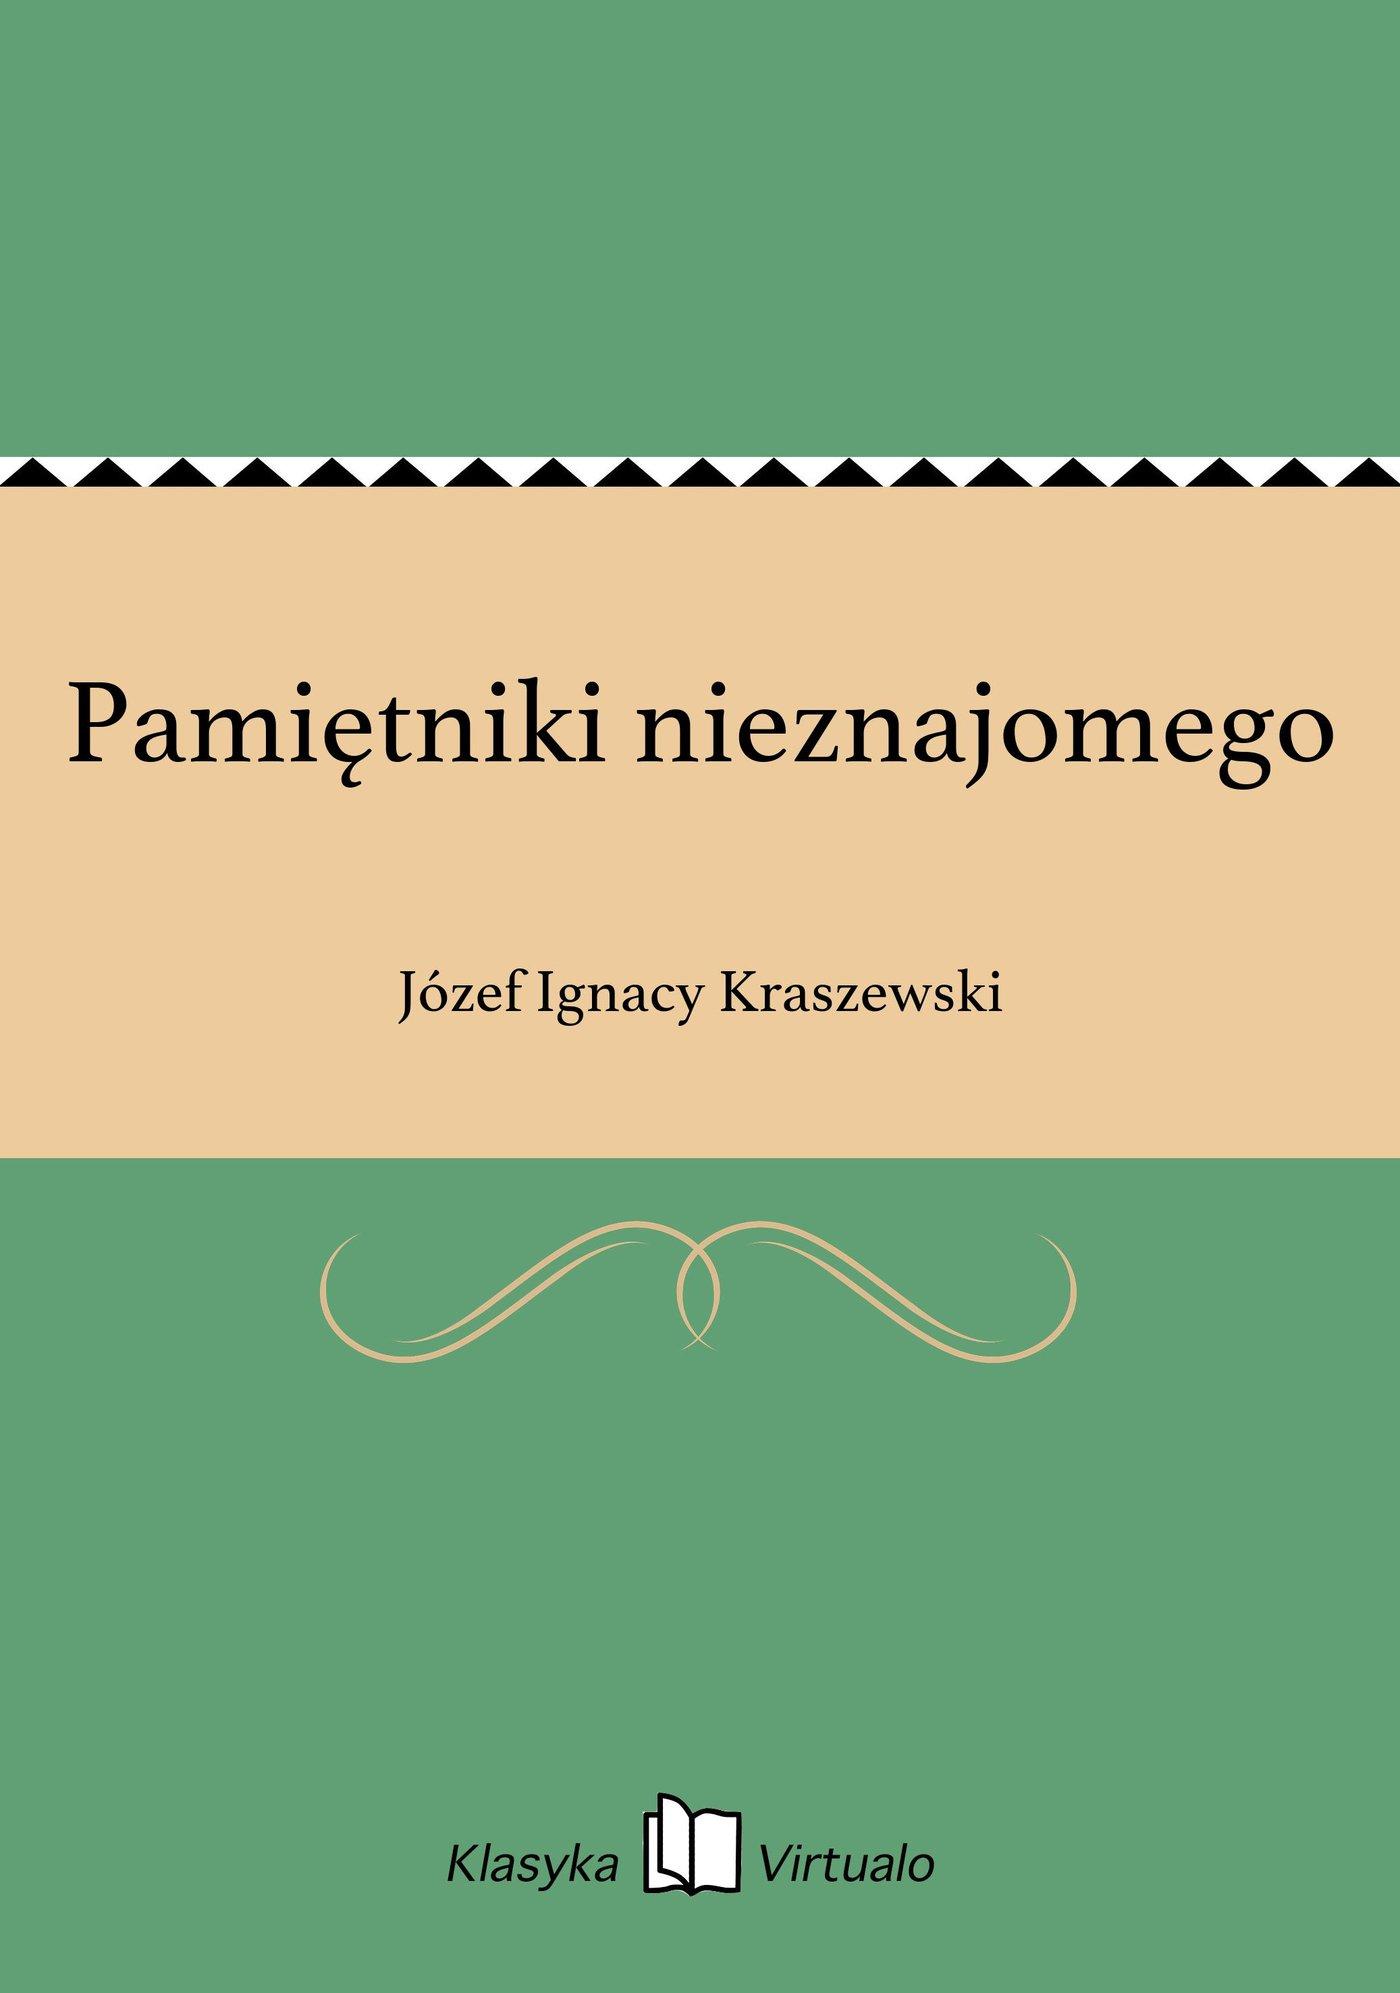 Pamiętniki nieznajomego - Ebook (Książka na Kindle) do pobrania w formacie MOBI